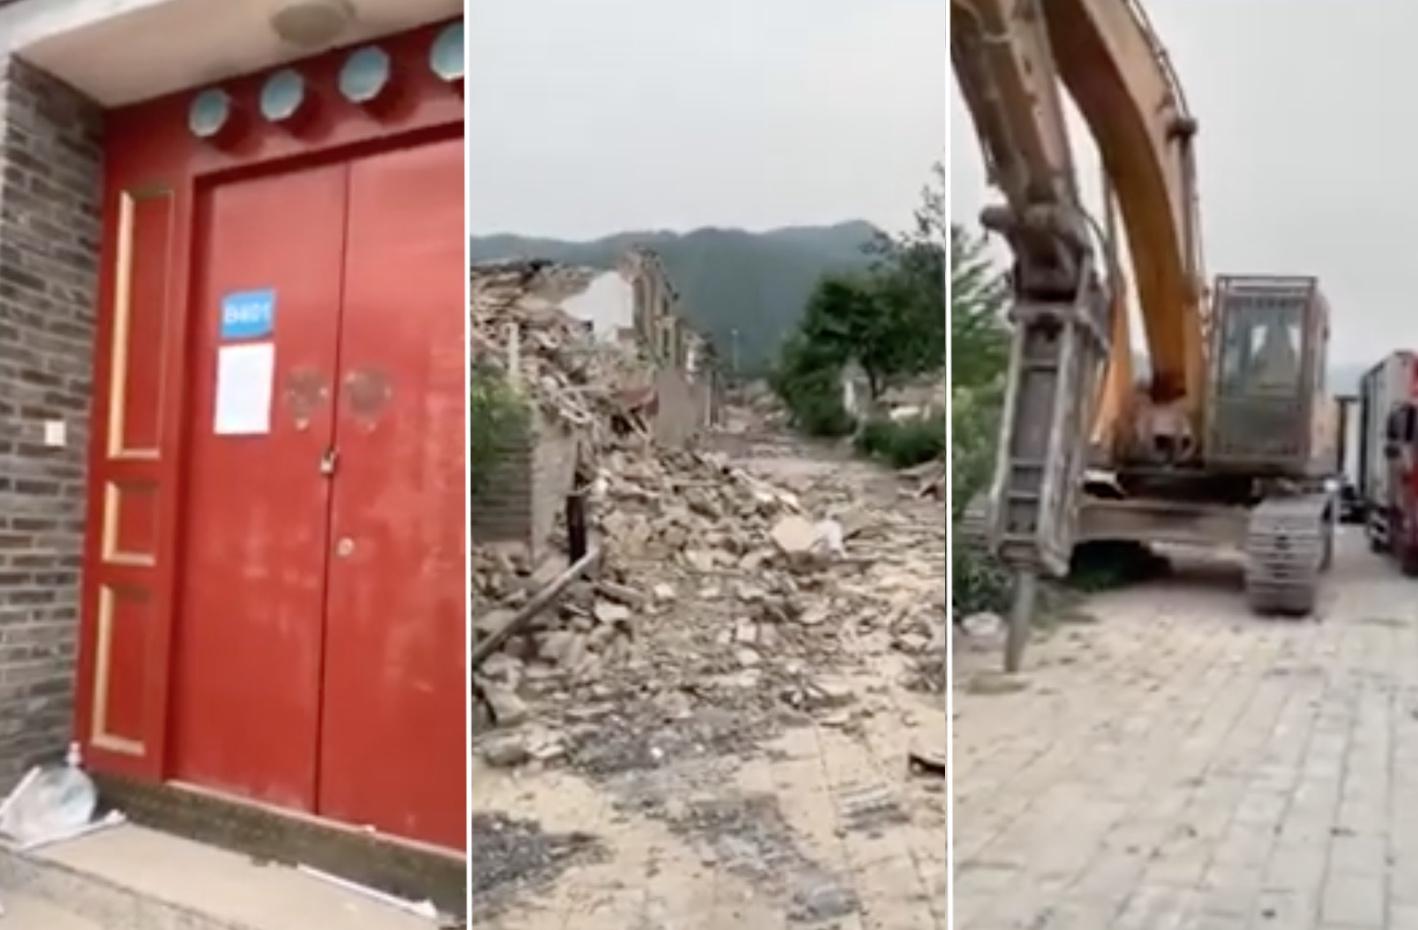 北京郊區小產權房遭到大規模強拆。圖為2020年8月5日懷柔區水長城老北京四合院遭強拆畫面。(影片截圖)